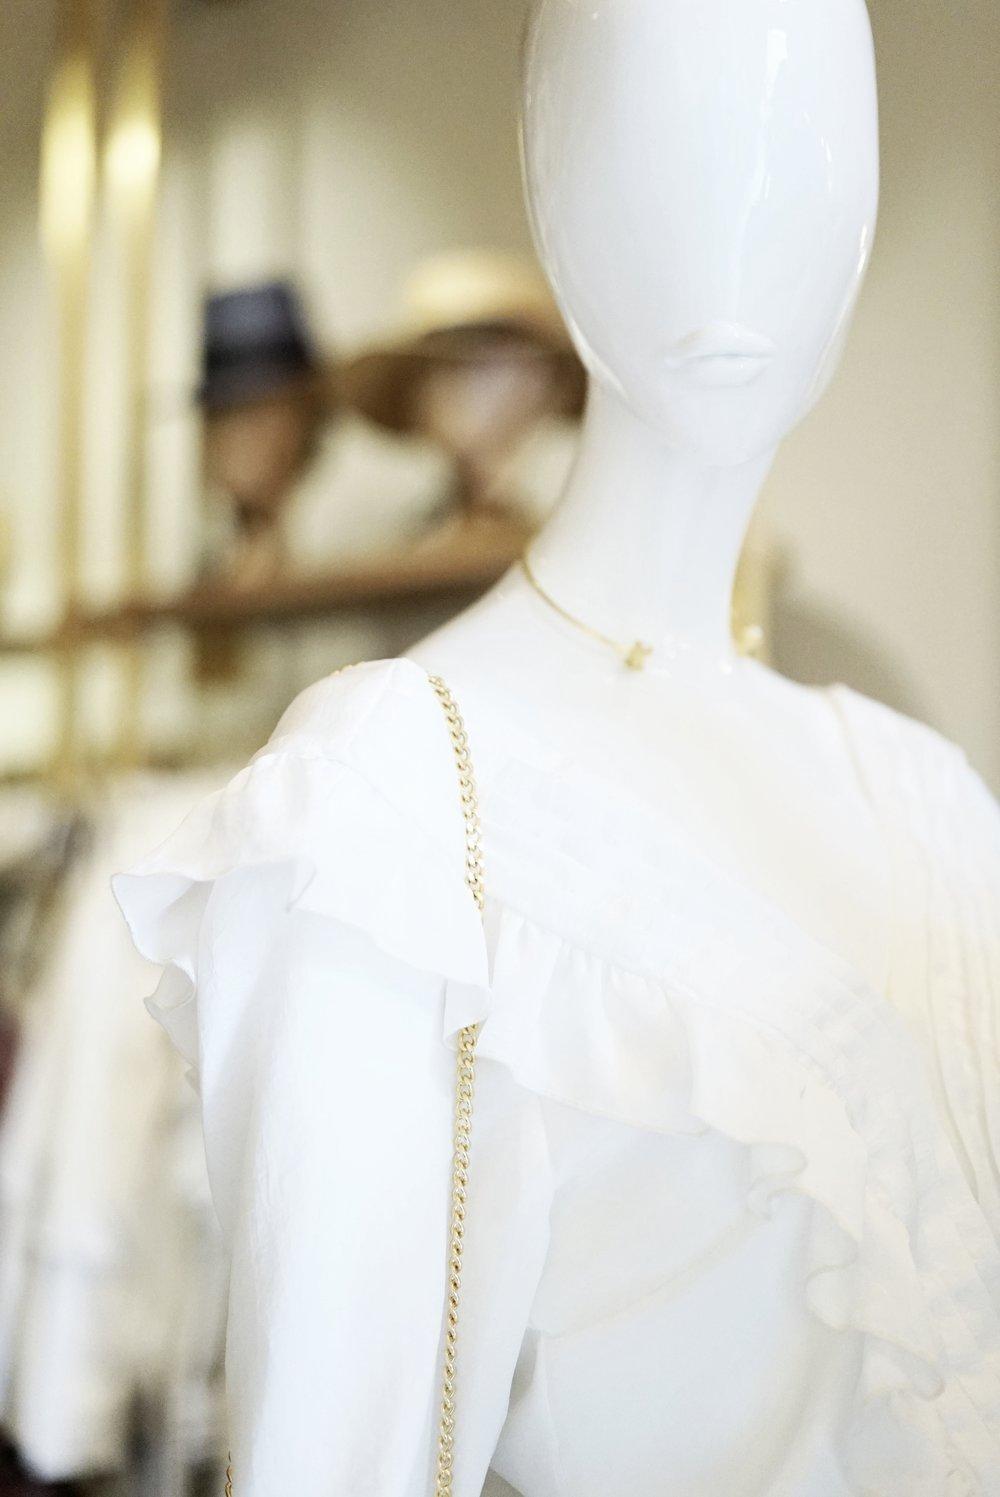 Importados de Holanda, los distintivos maniquíes son característicos de la tienda.